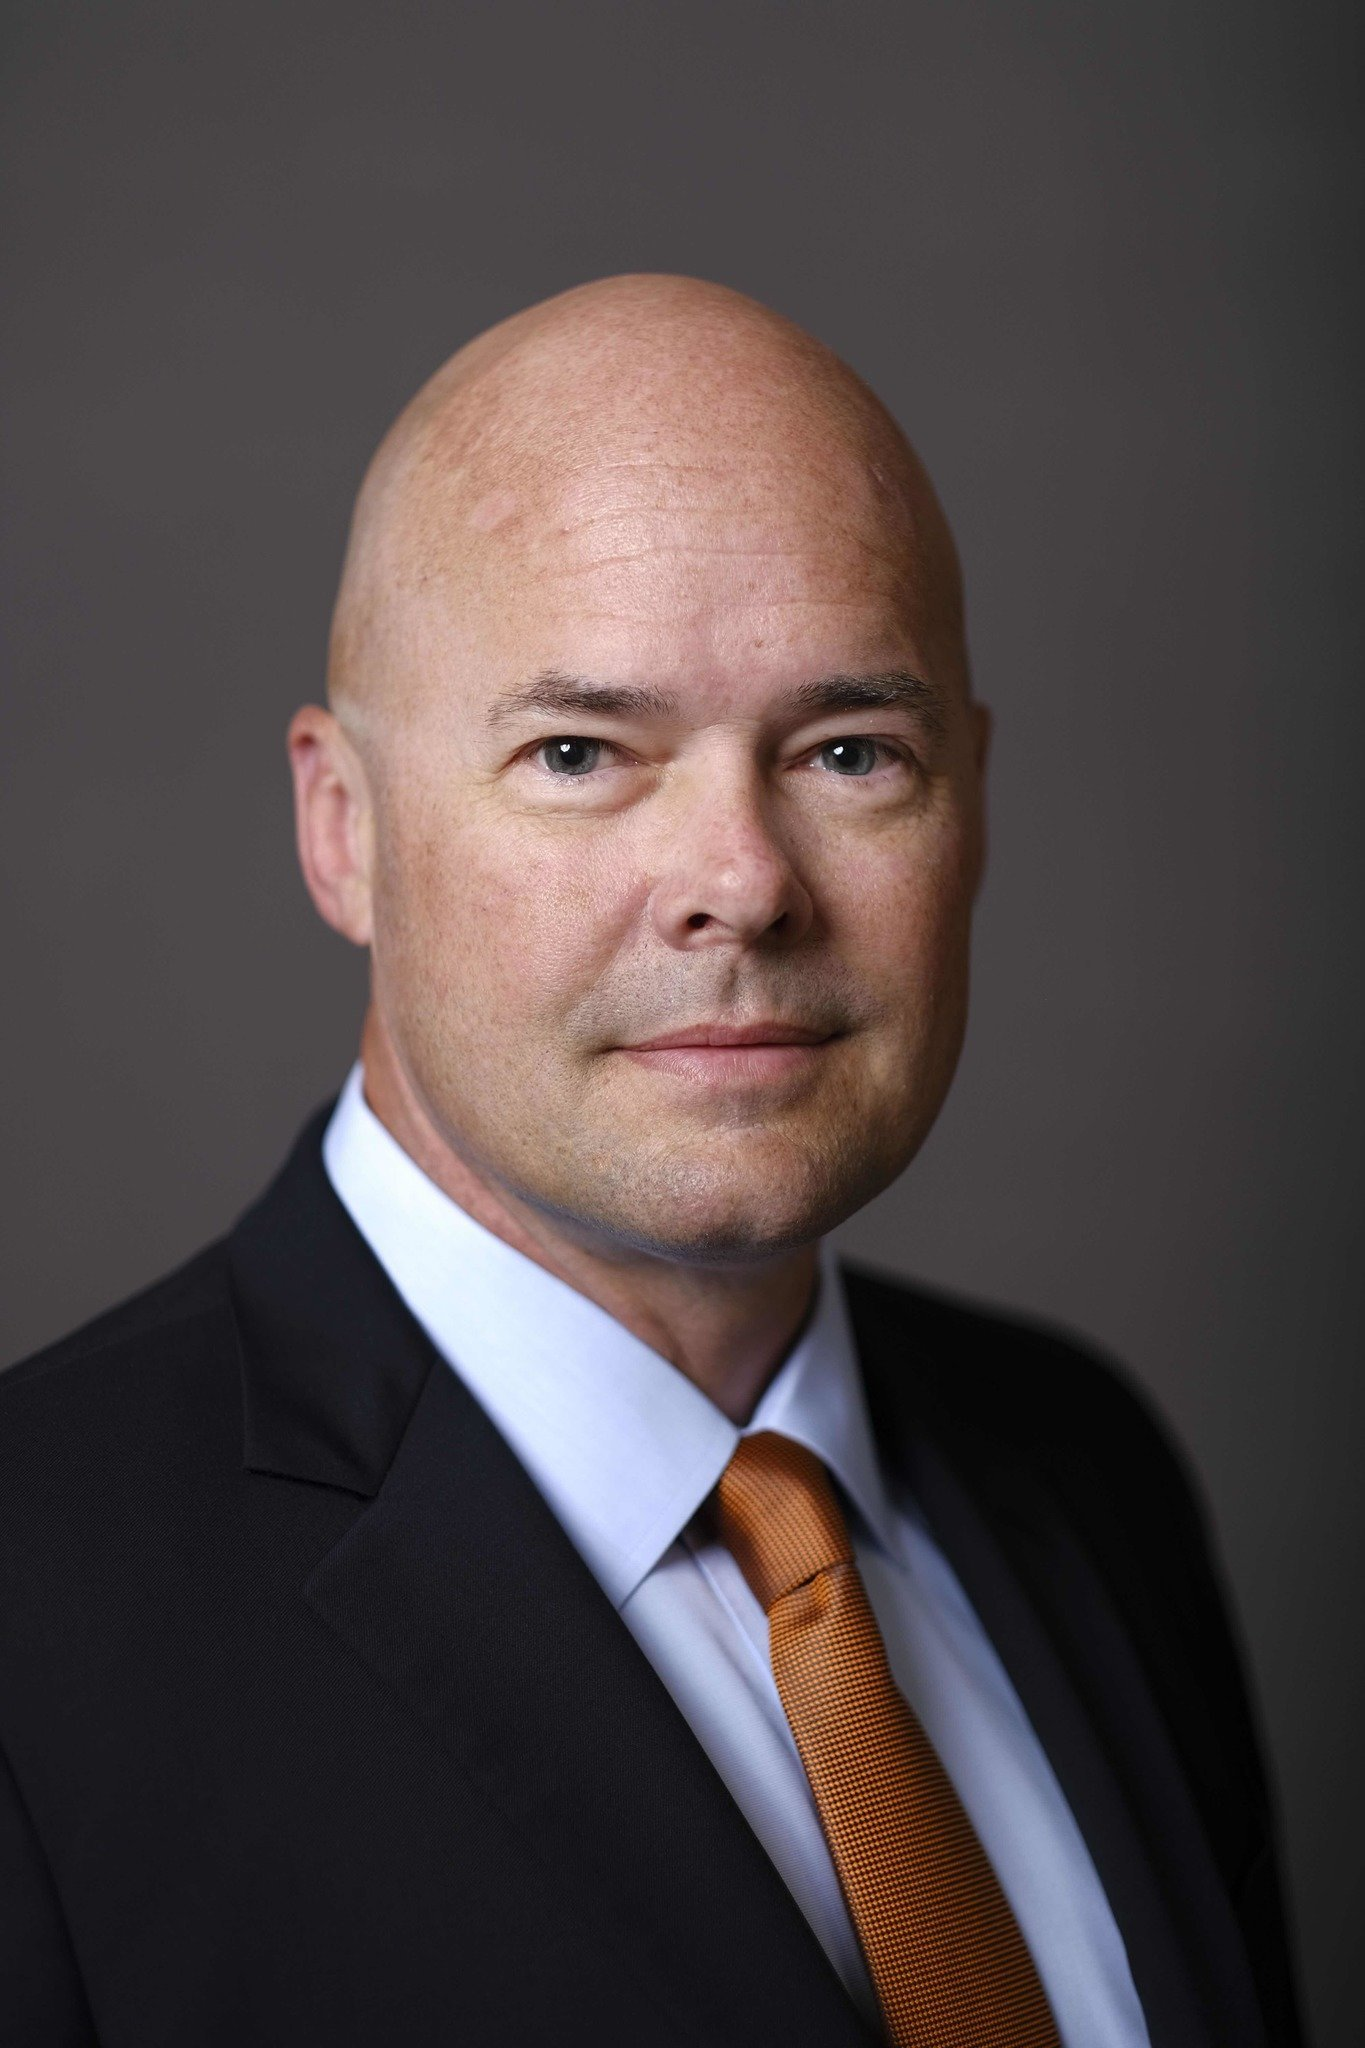 Neuer Präsident und CEO bei Flir Systems